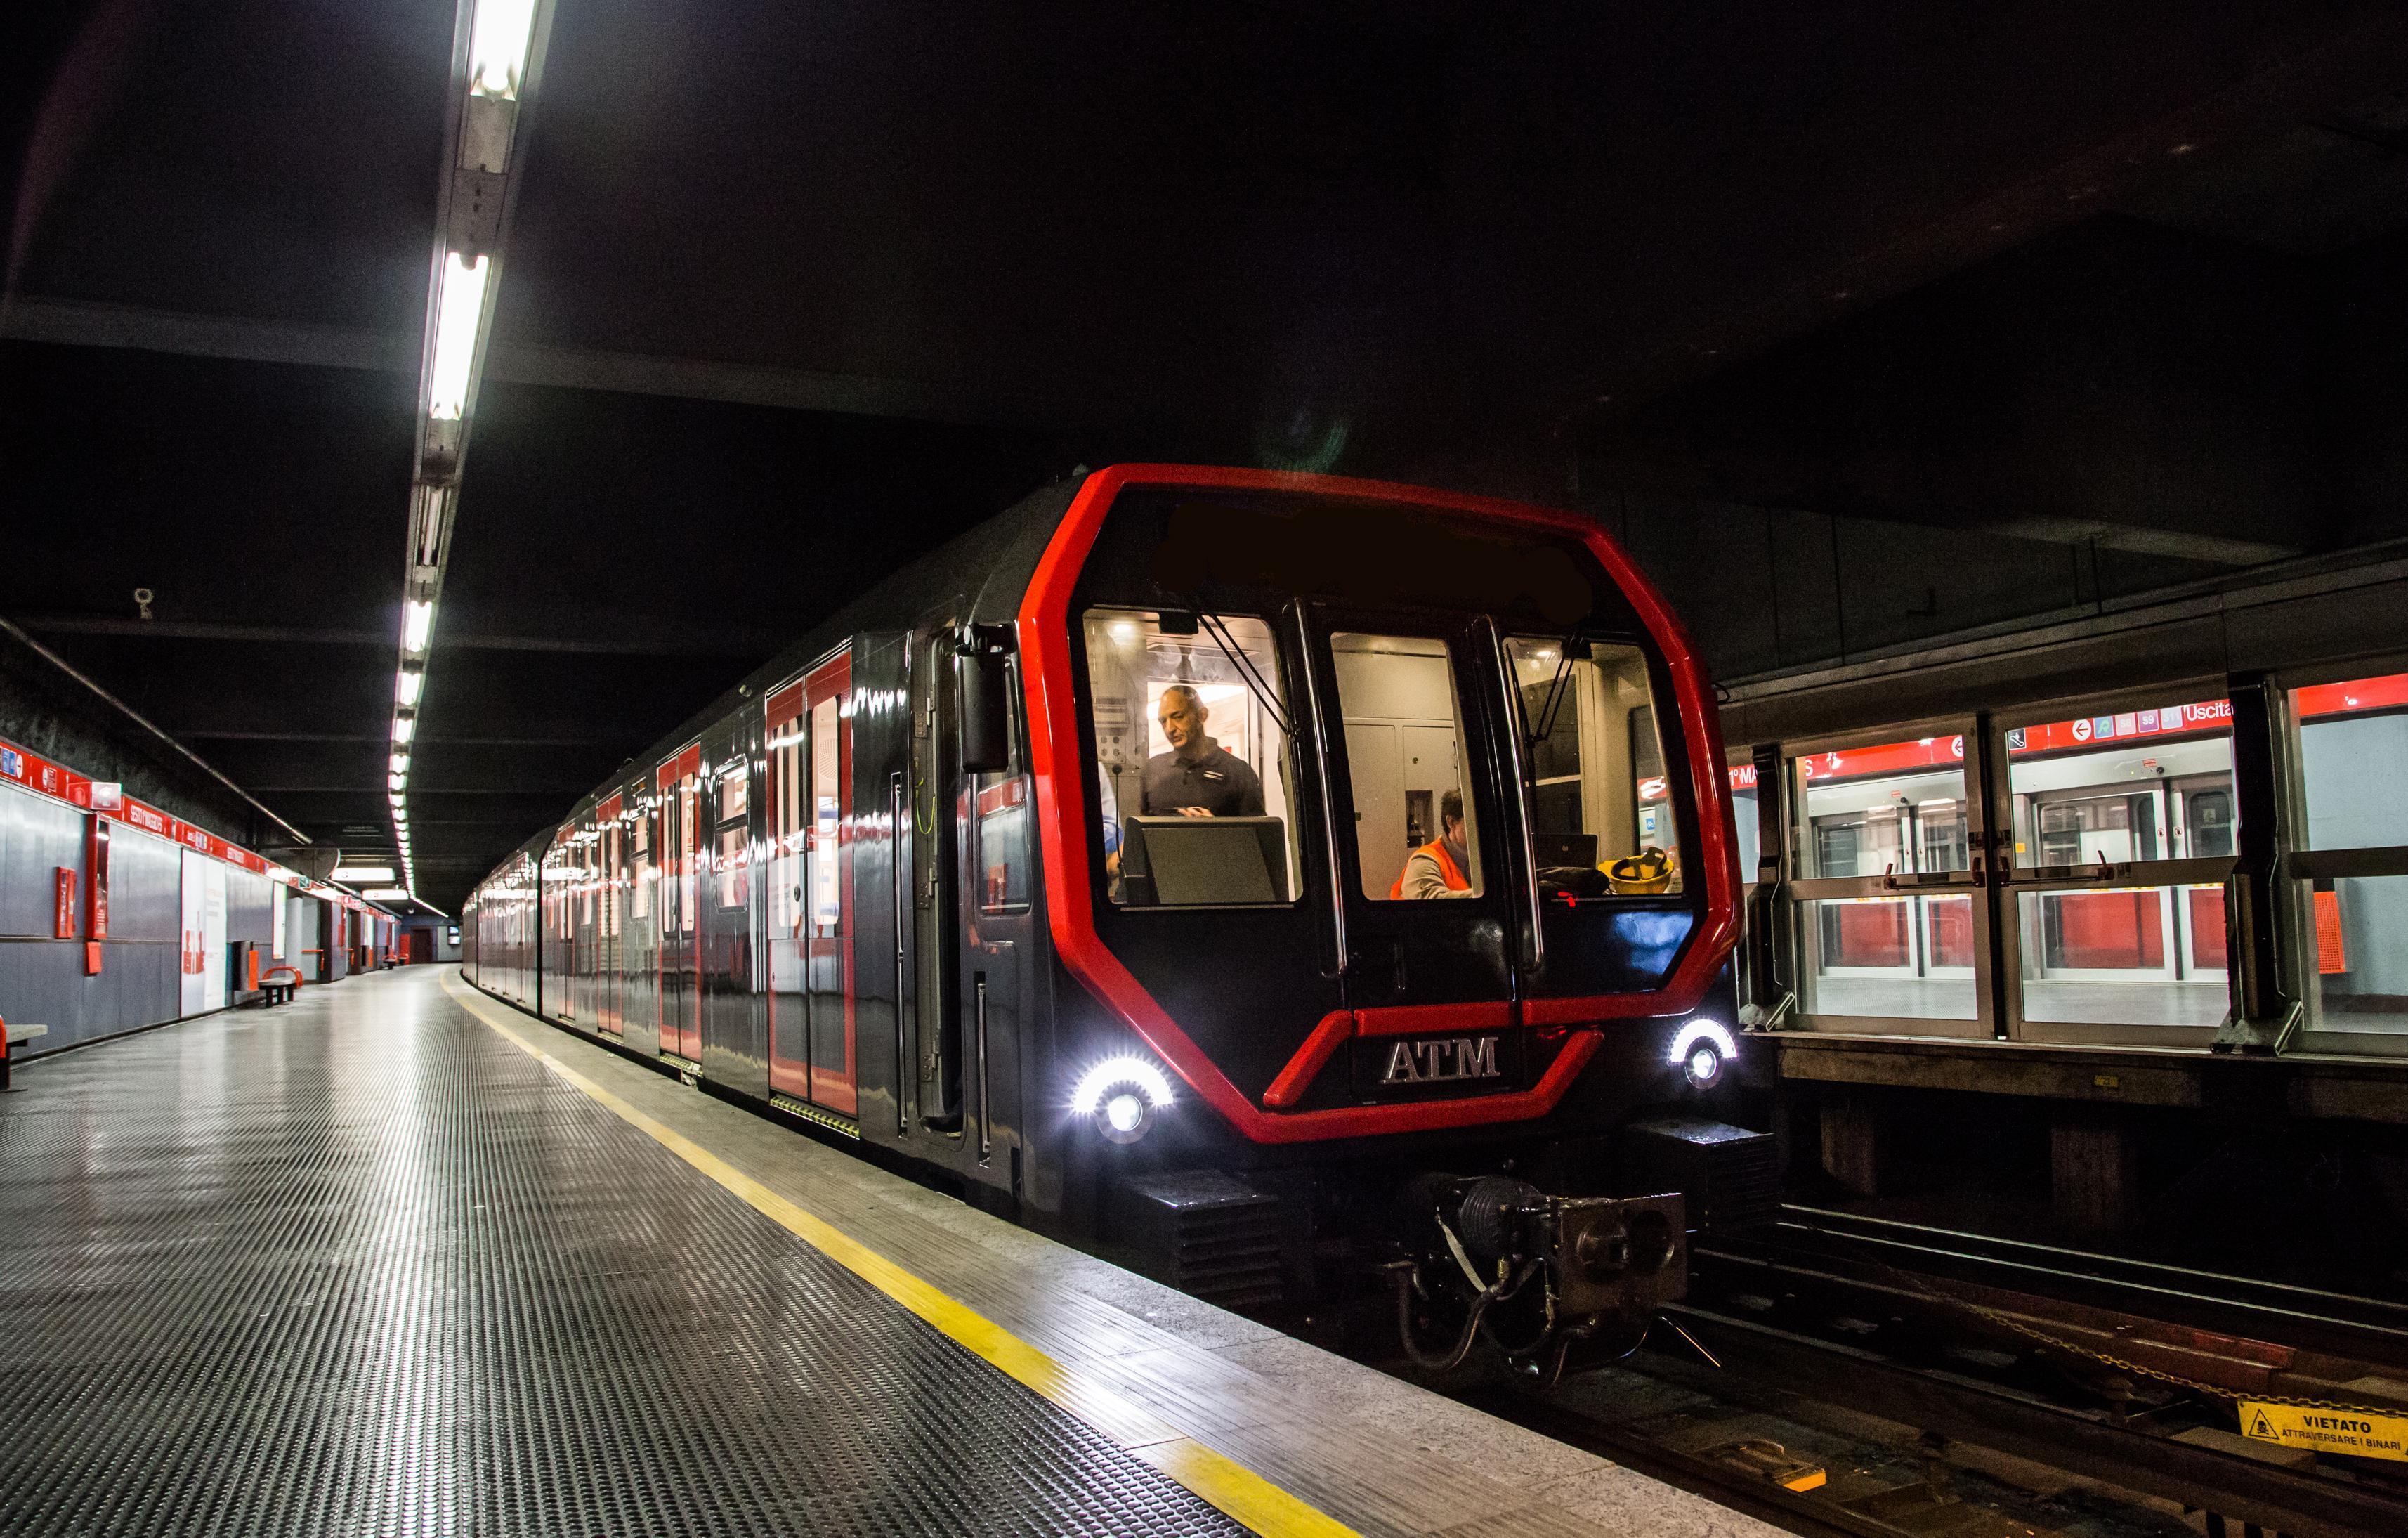 Trasporti pubblici gratuiti, possibilità o utopia?